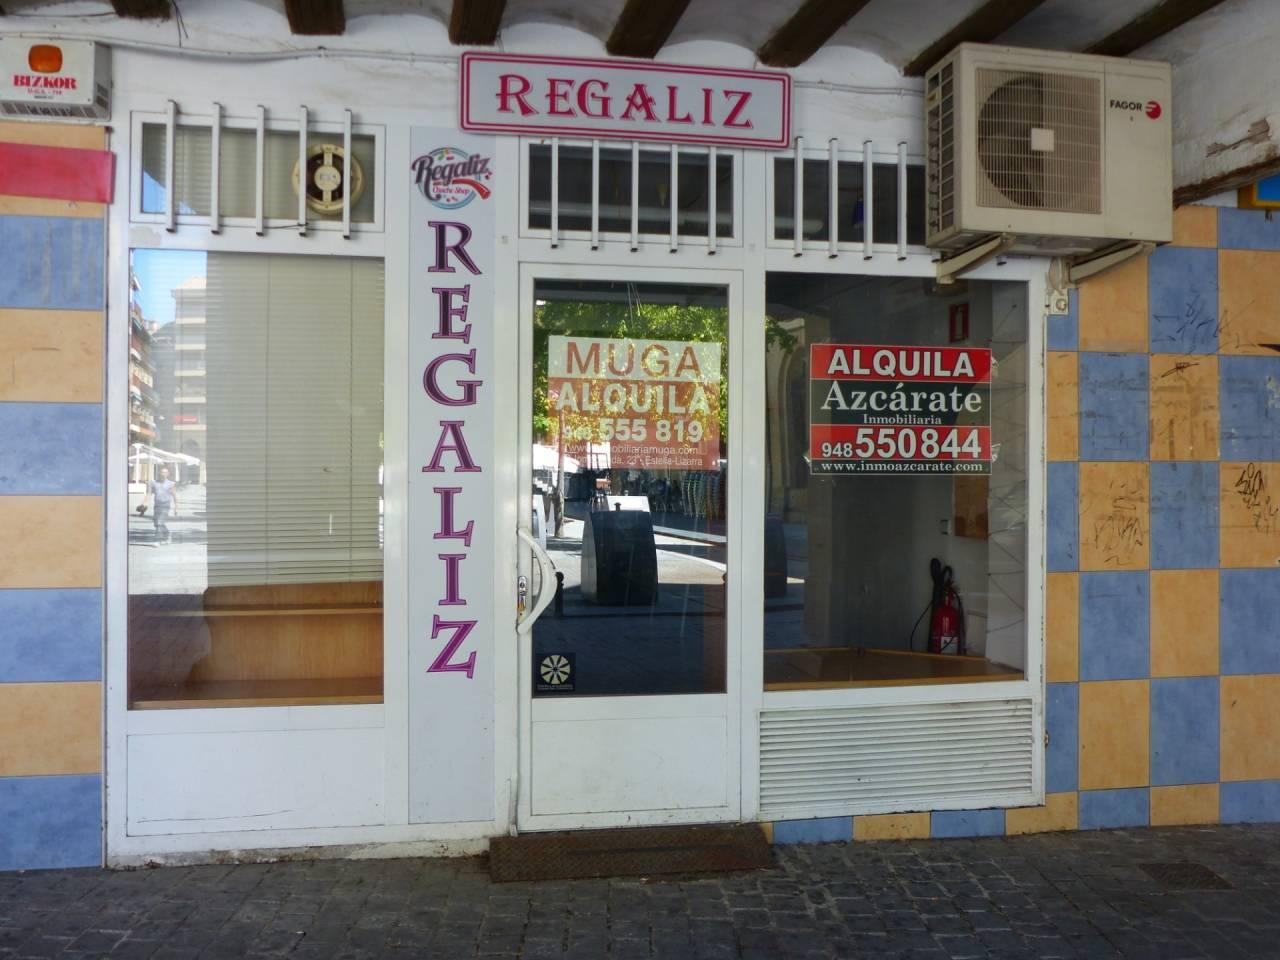 ALQUILER DE LOCAL EN ESTELLA-LIZARRA, ESTELLA-LIZARRA | REF. (004217)